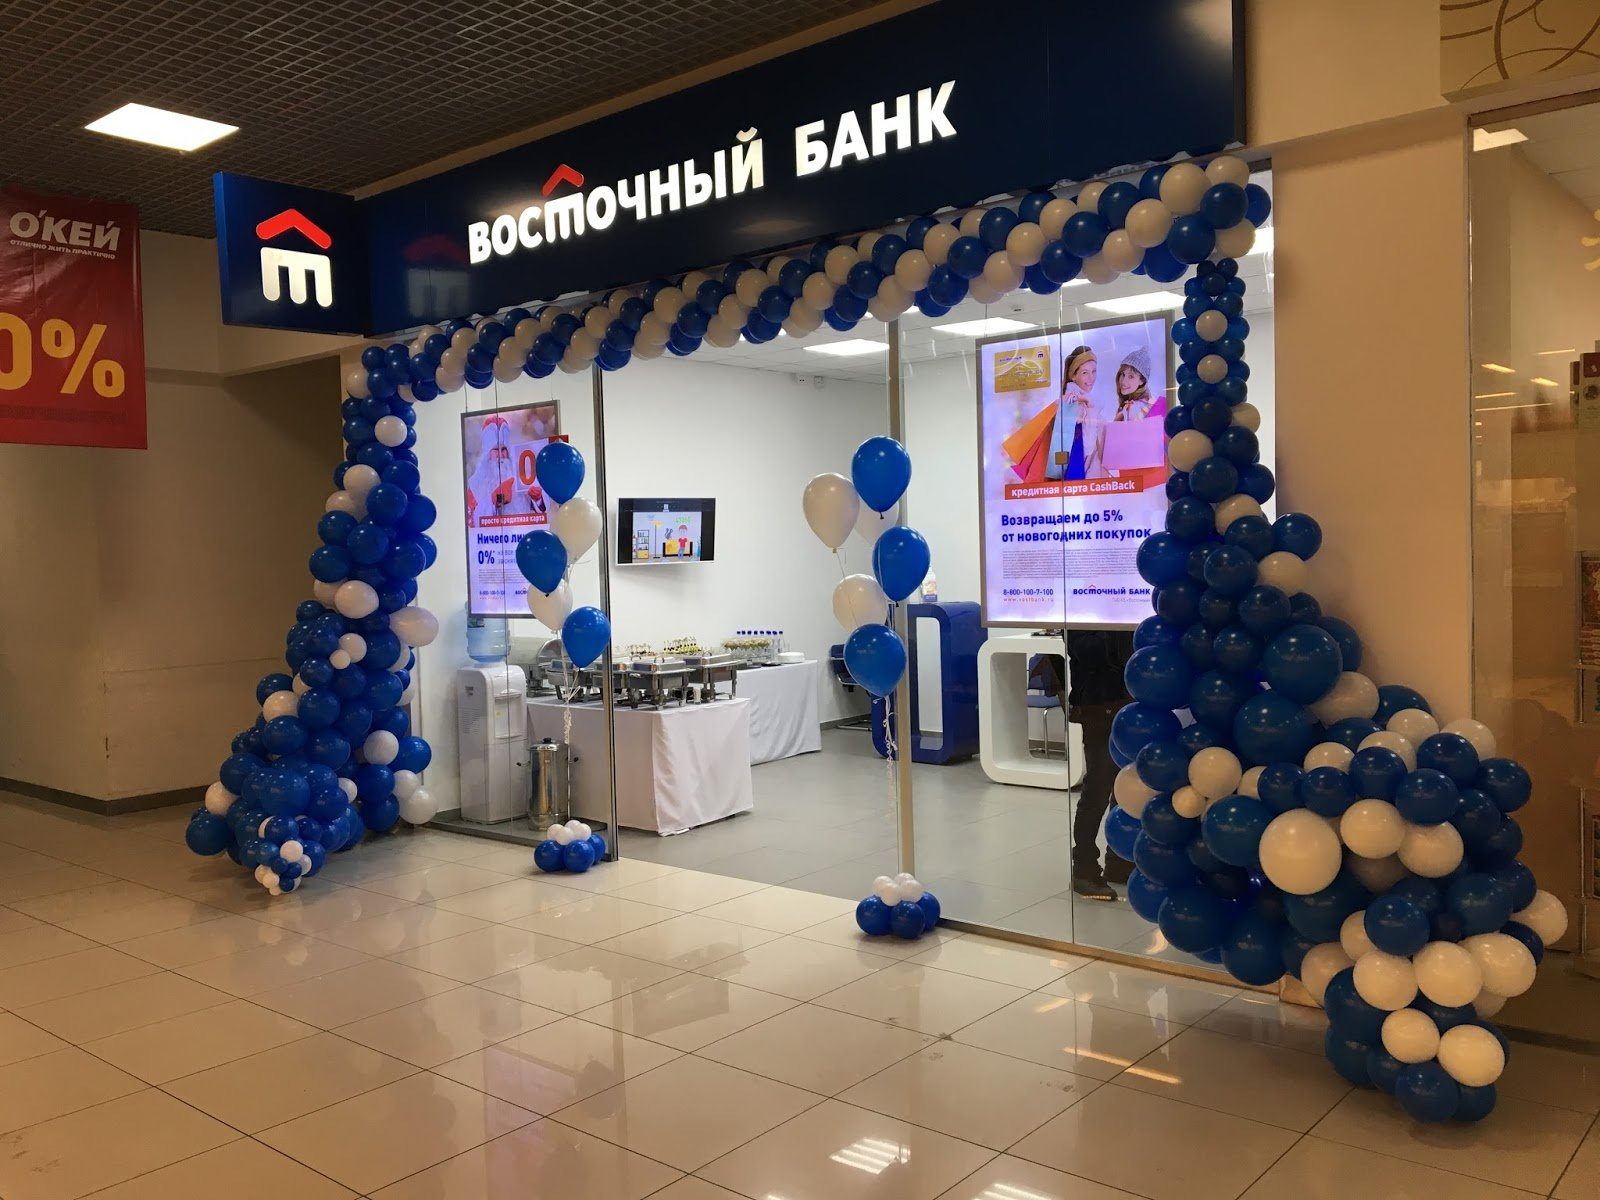 bank-vostochnyj-otzyvy-klientov-o-kredite_2